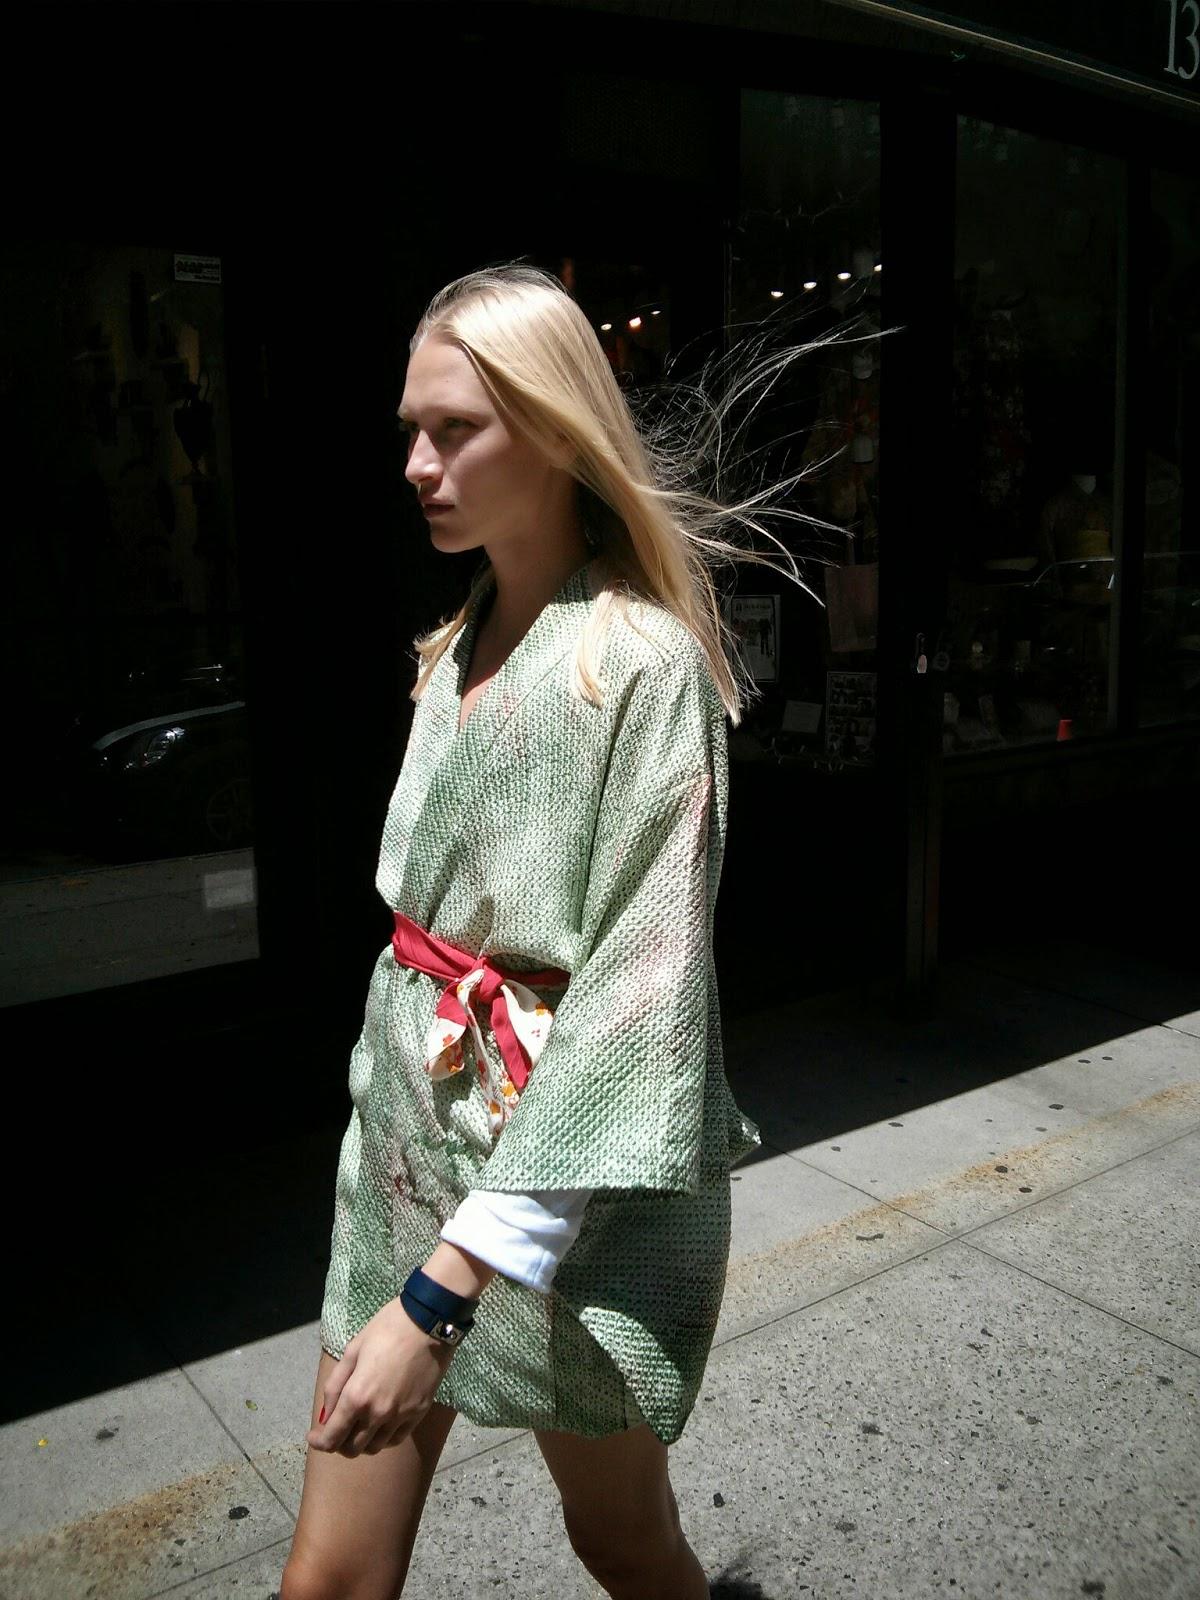 Kimono robe in NY